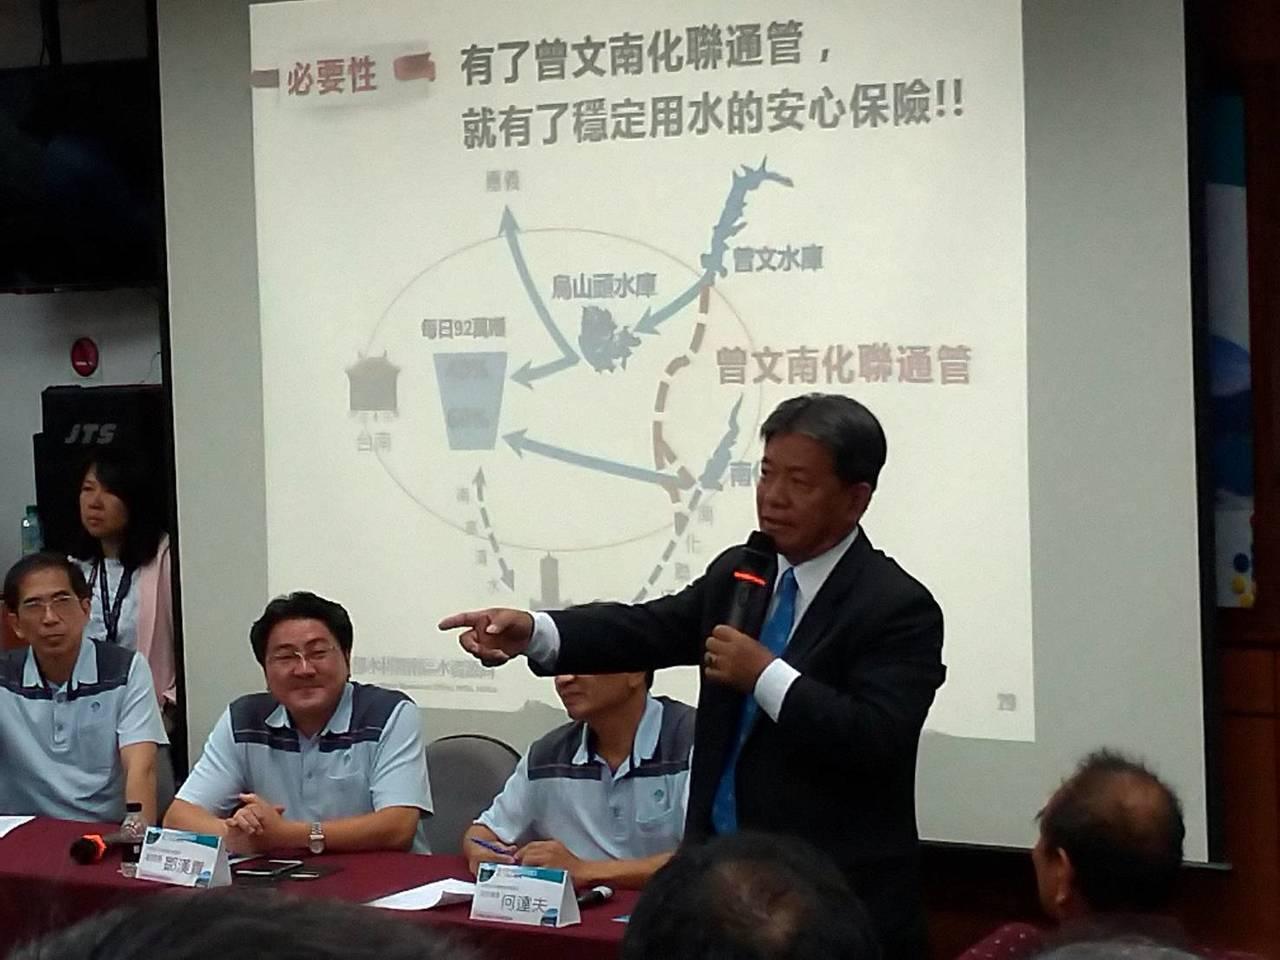 台南市議長郭信良出席曾文南化聯通管工程第二場公聽會,聲援在地居民,反對聯通管興建...